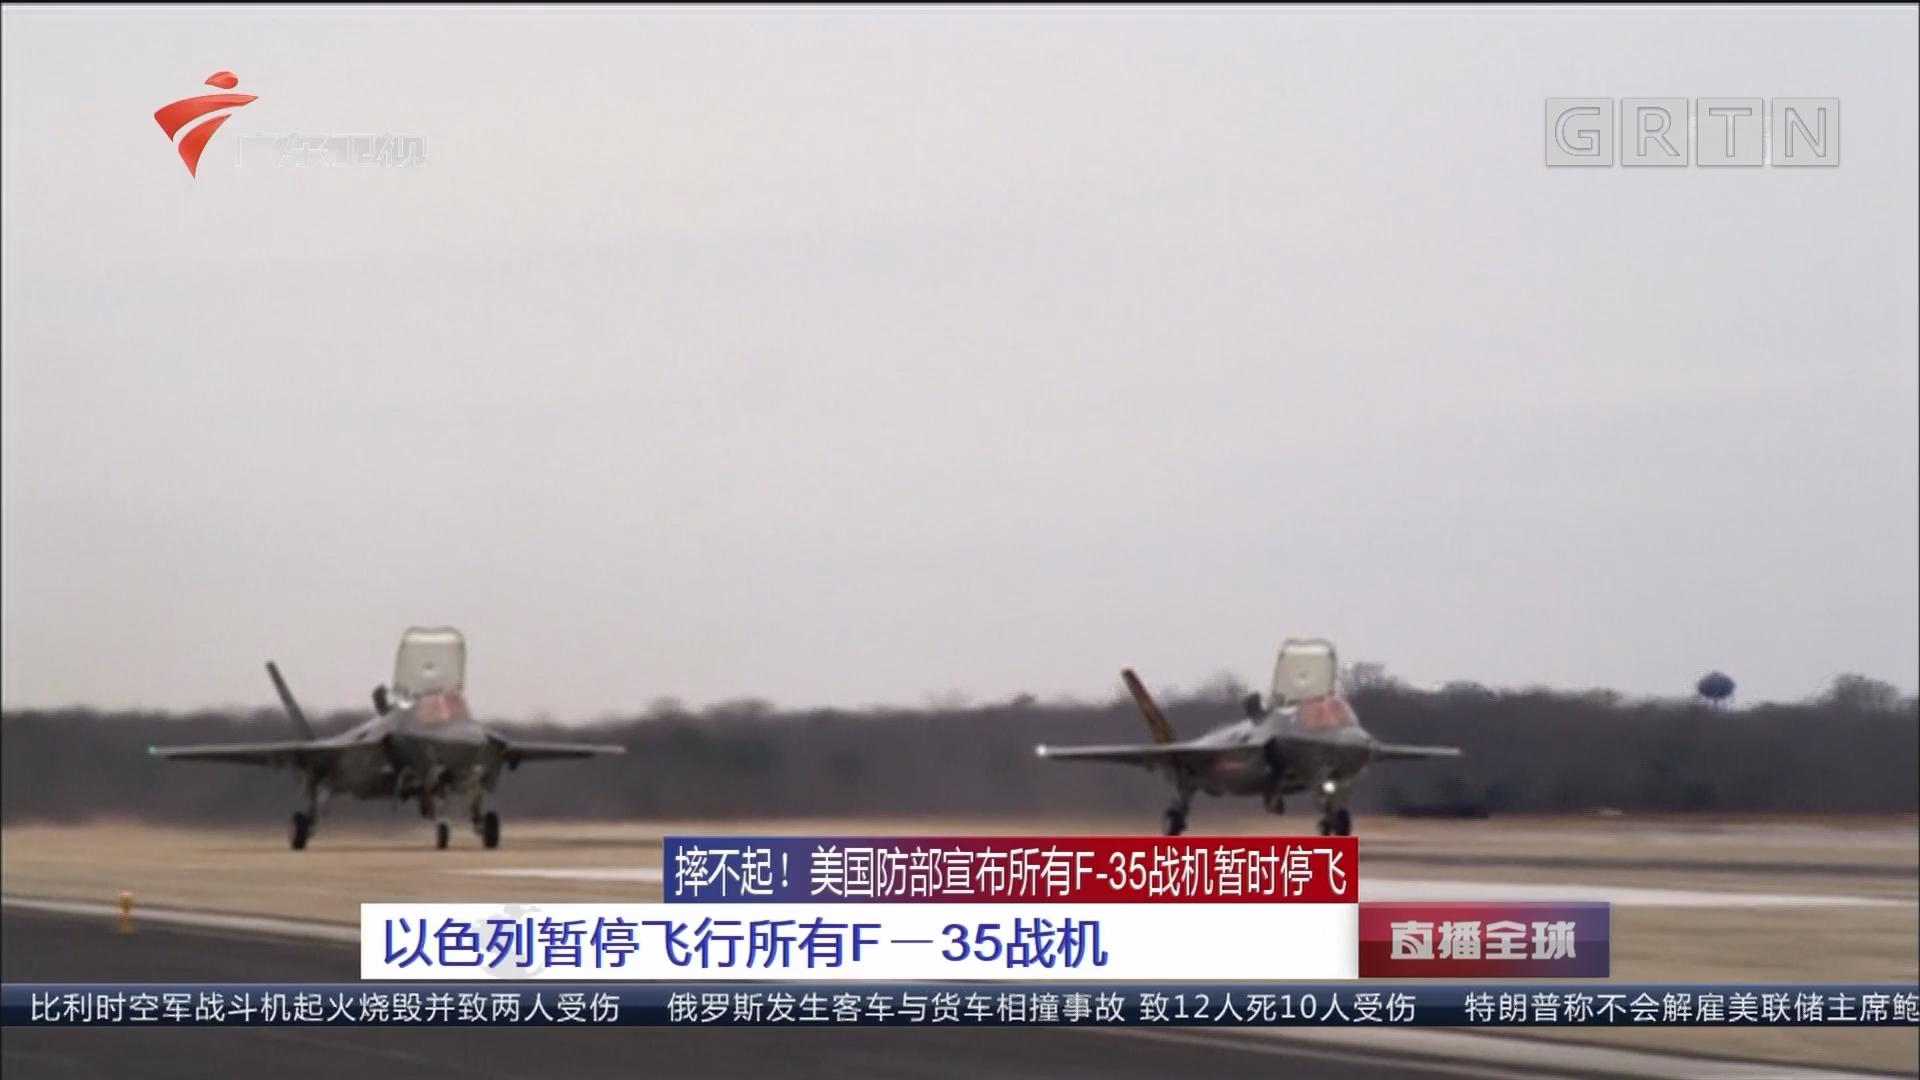 摔不起! 美国防部宣布所有F—35战机暂时停飞 发动机零件存漏洞